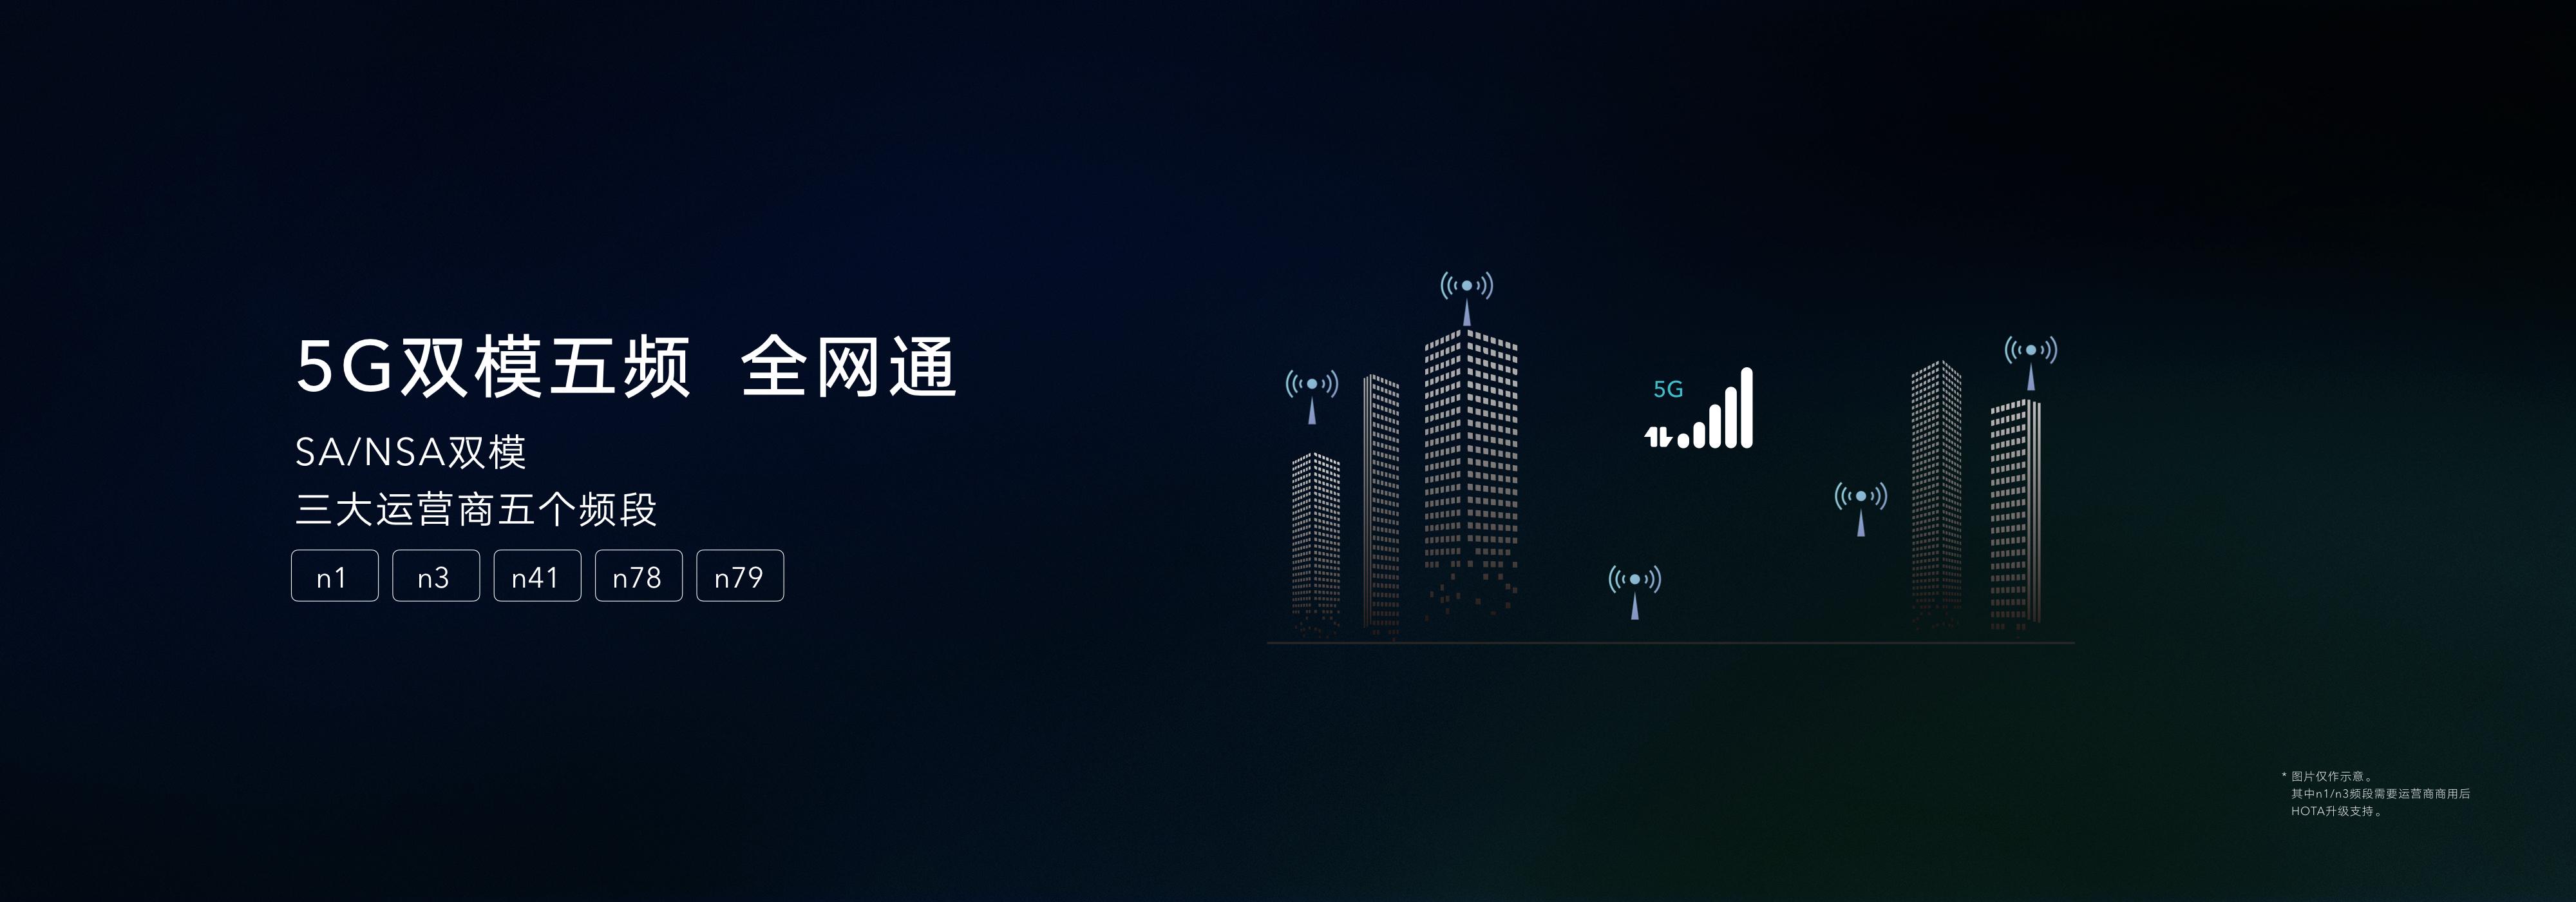 荣耀30S发布会胶片.015.jpeg